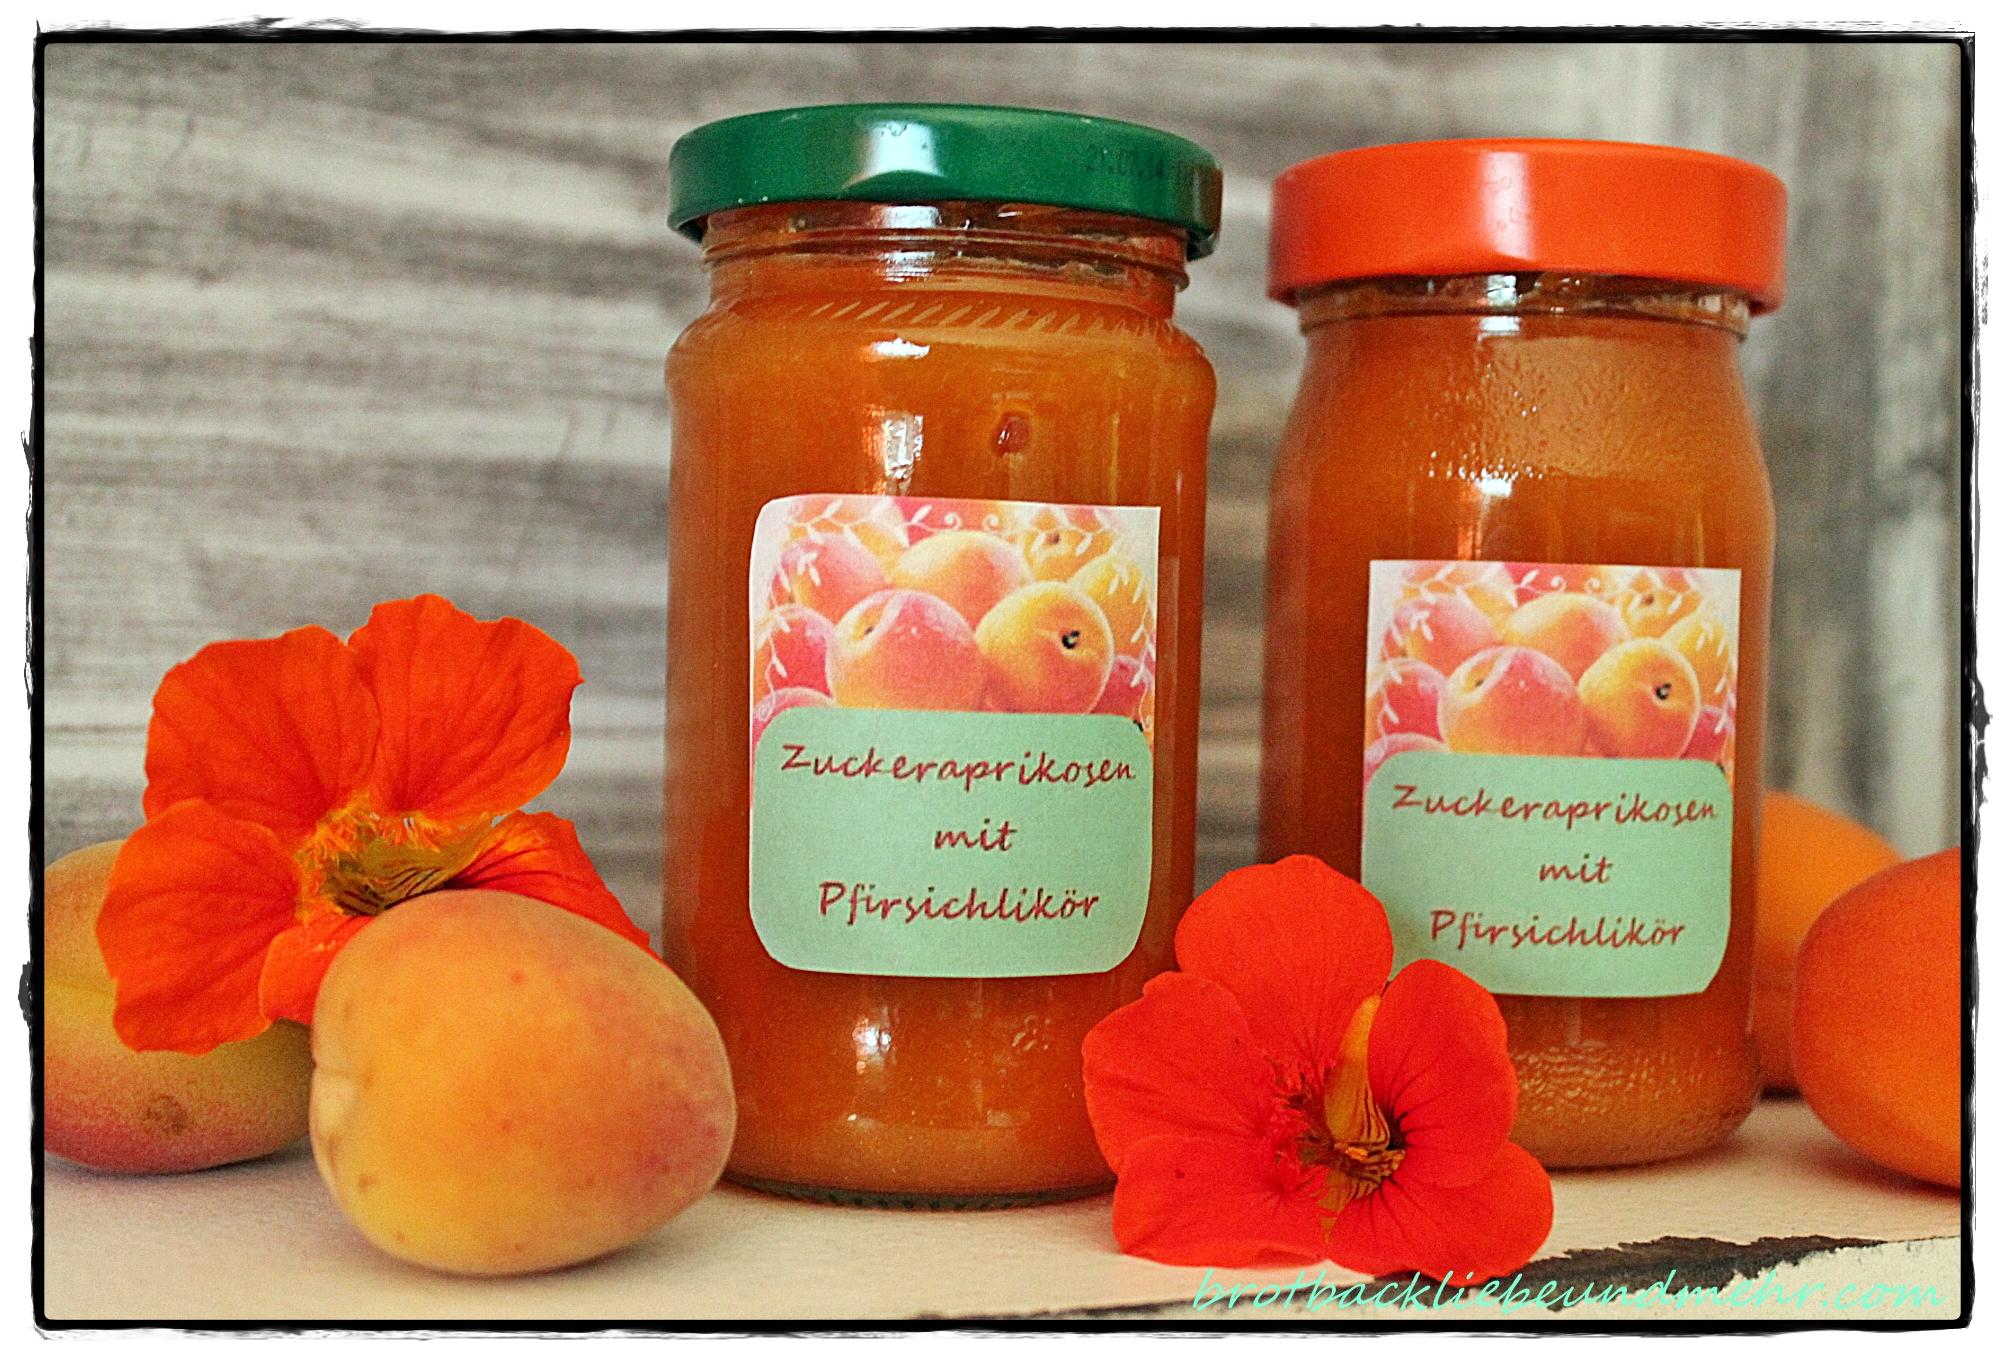 Zuckeraprikosen-Marmelade mit Pfirsichlikör